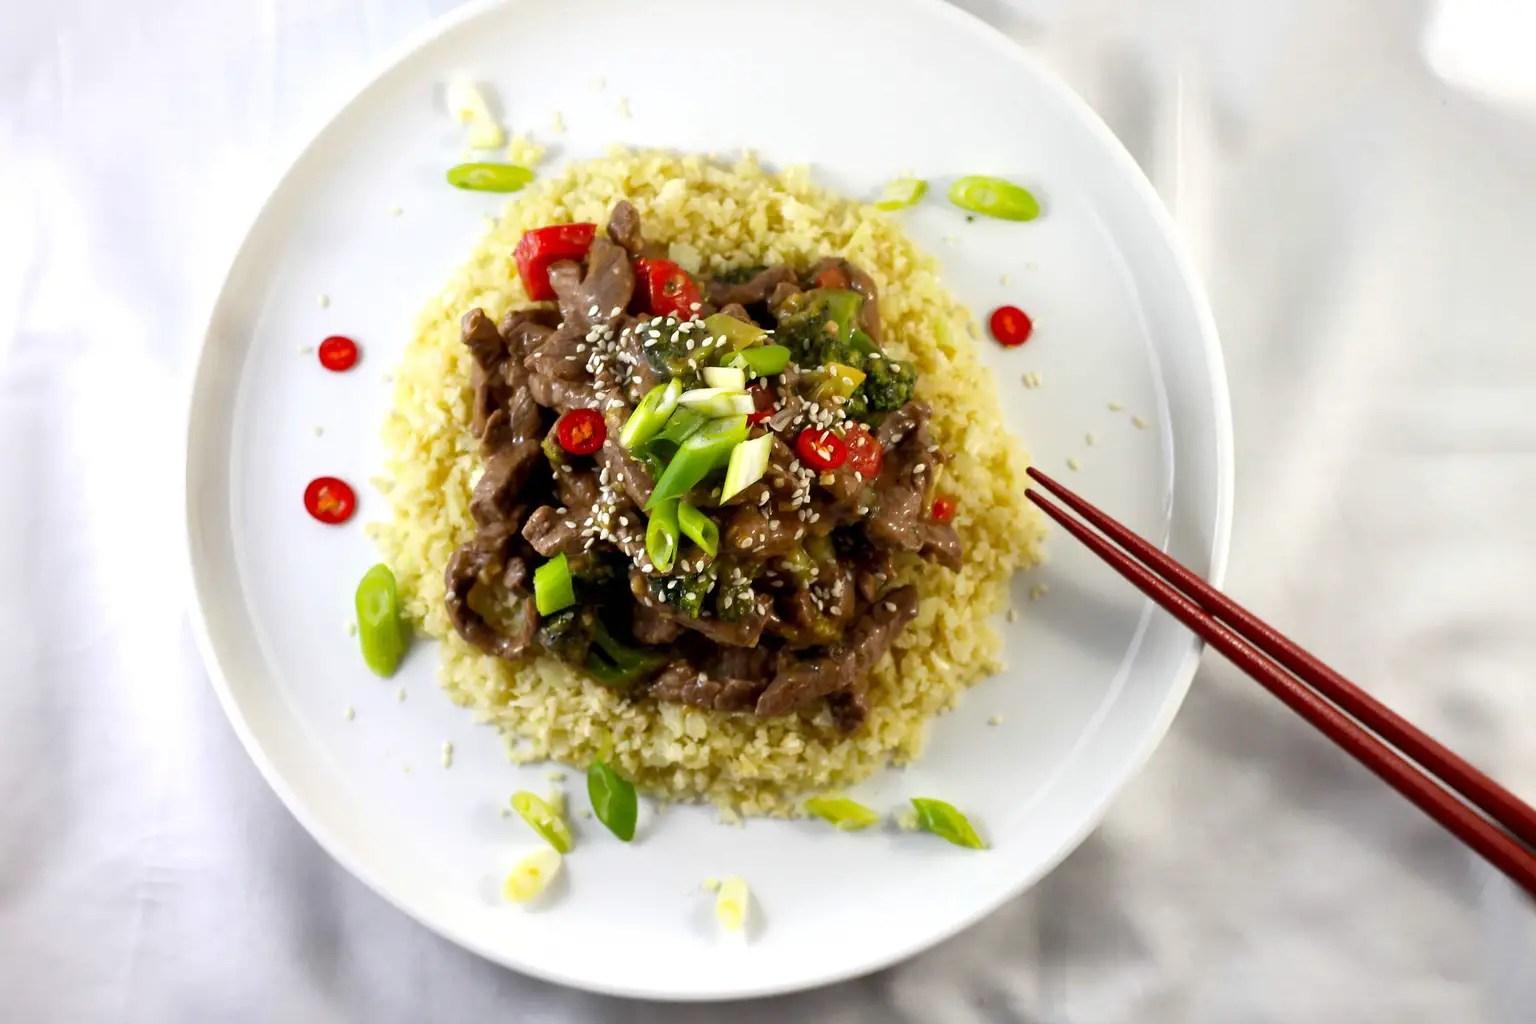 Keto Beef and Broccoli Stir Fry